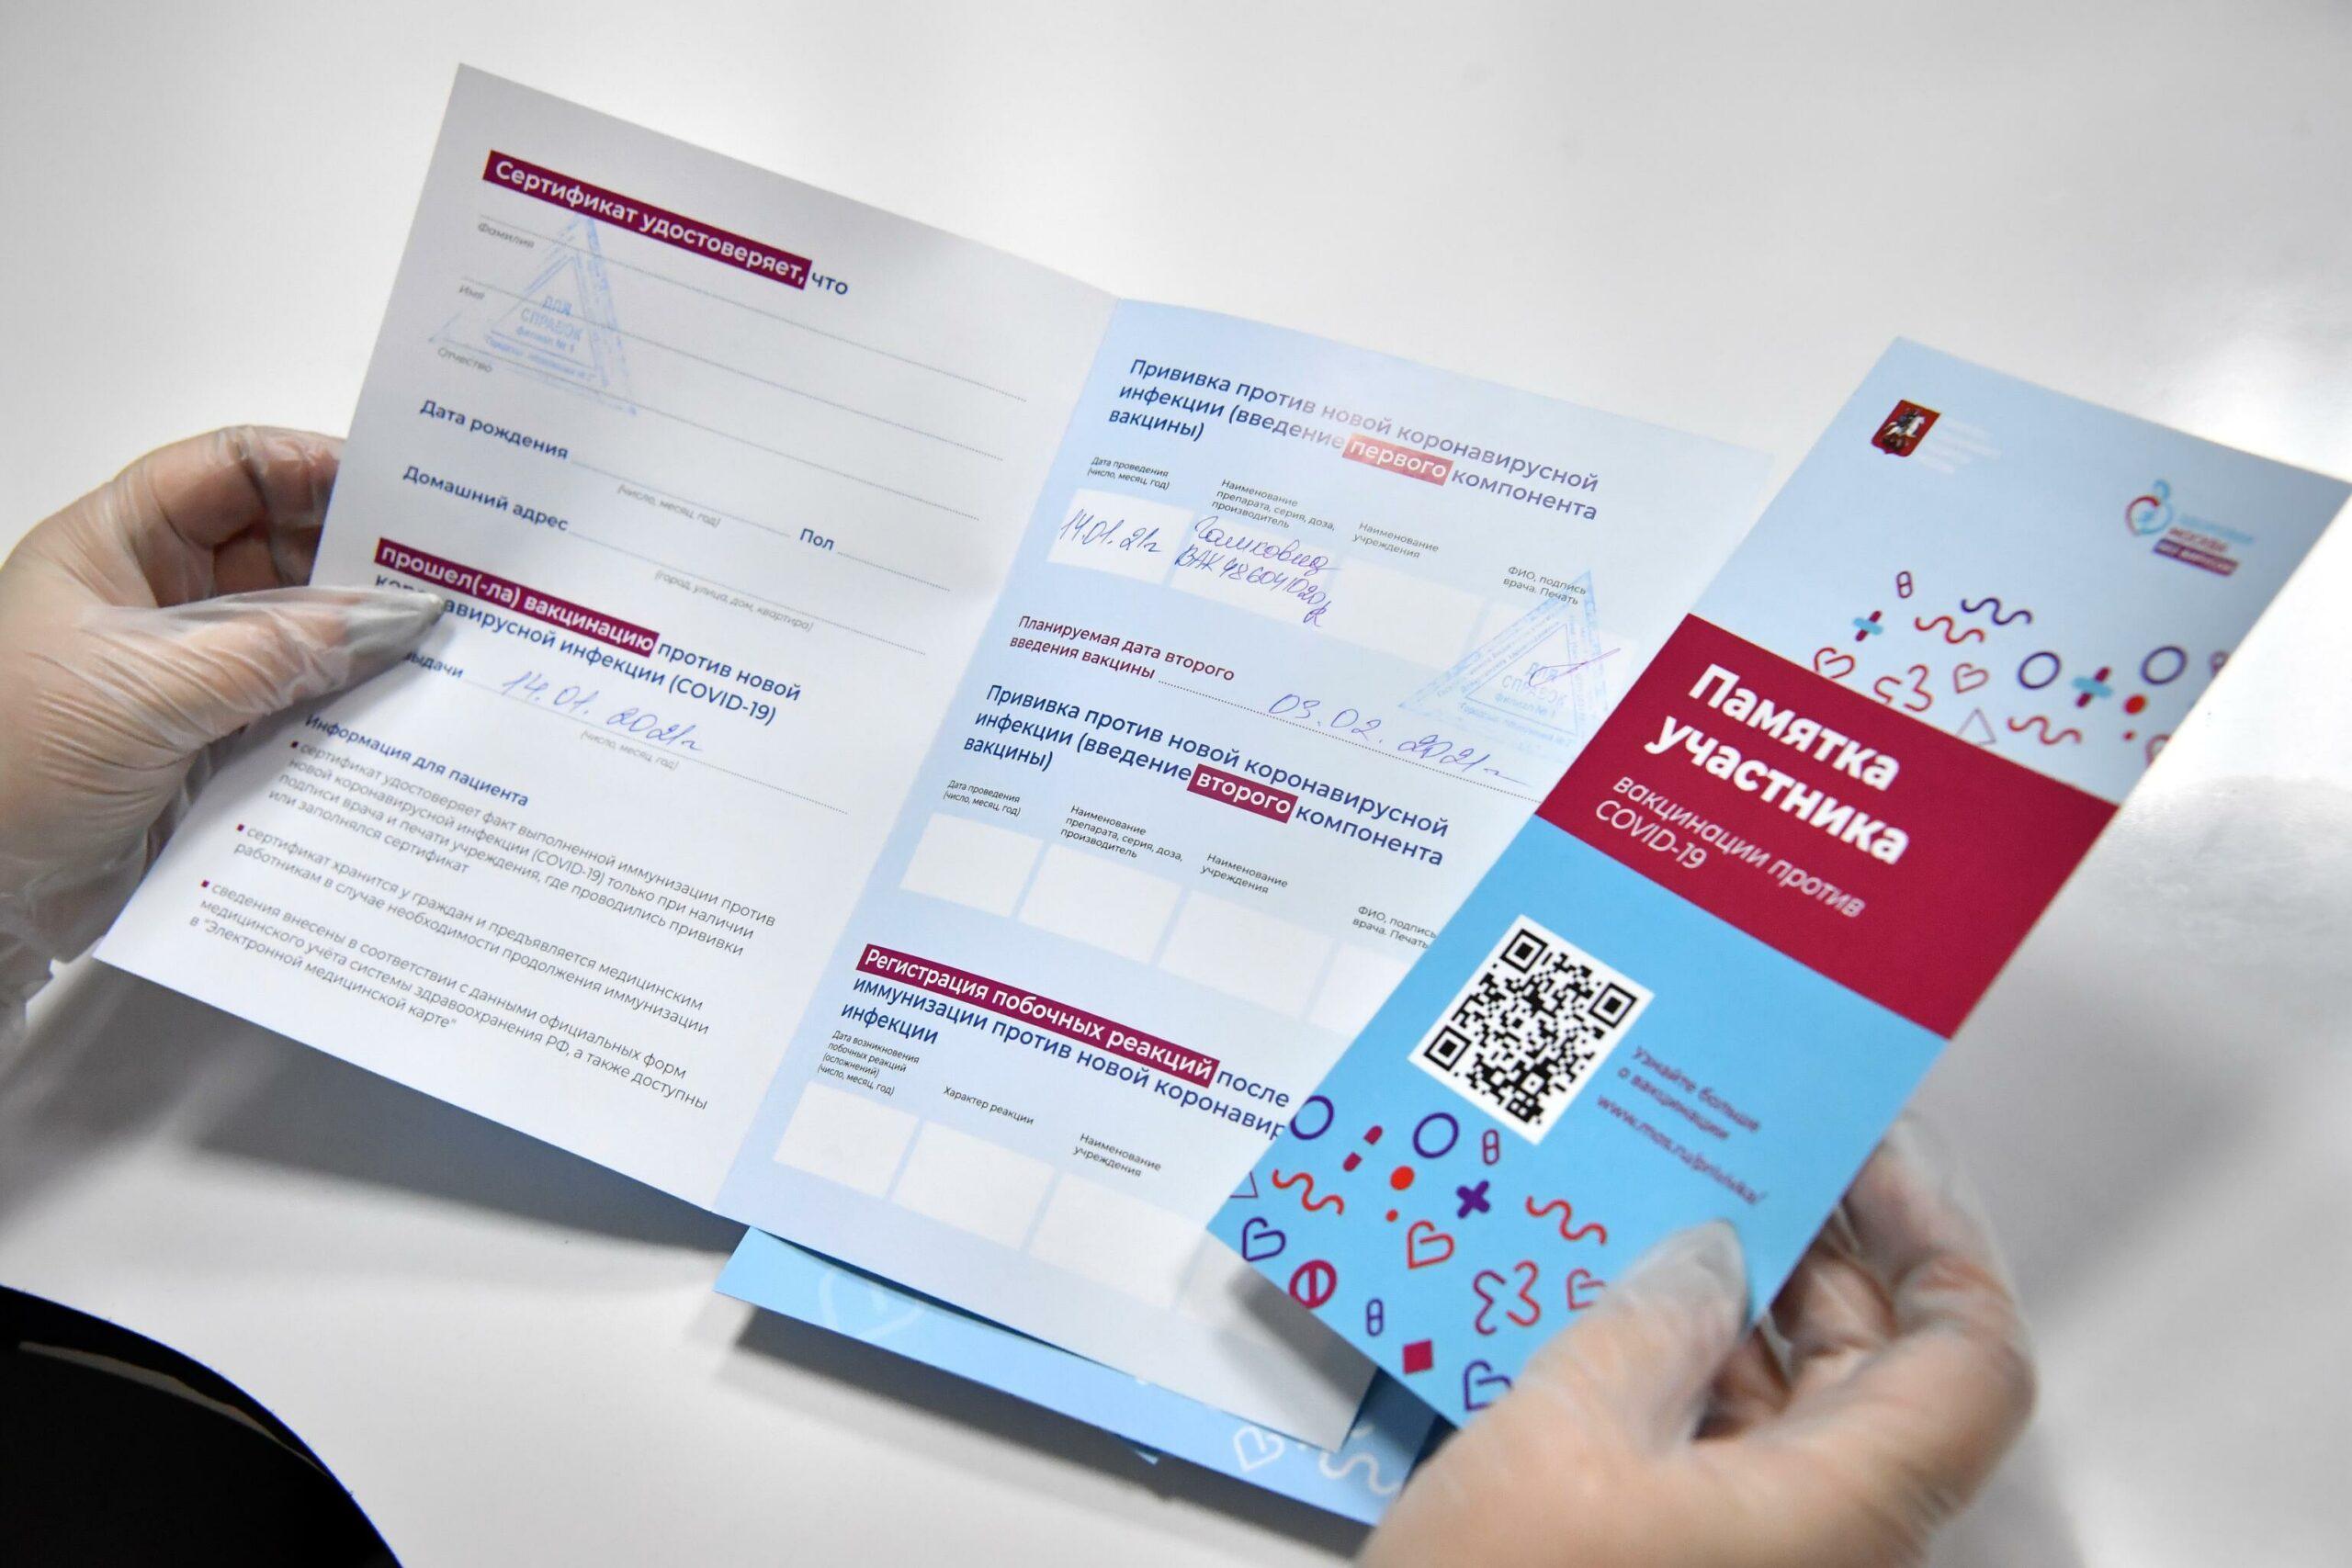 Москвичи столкнулись с проблемой продления сроков сертификатов о вакцинации